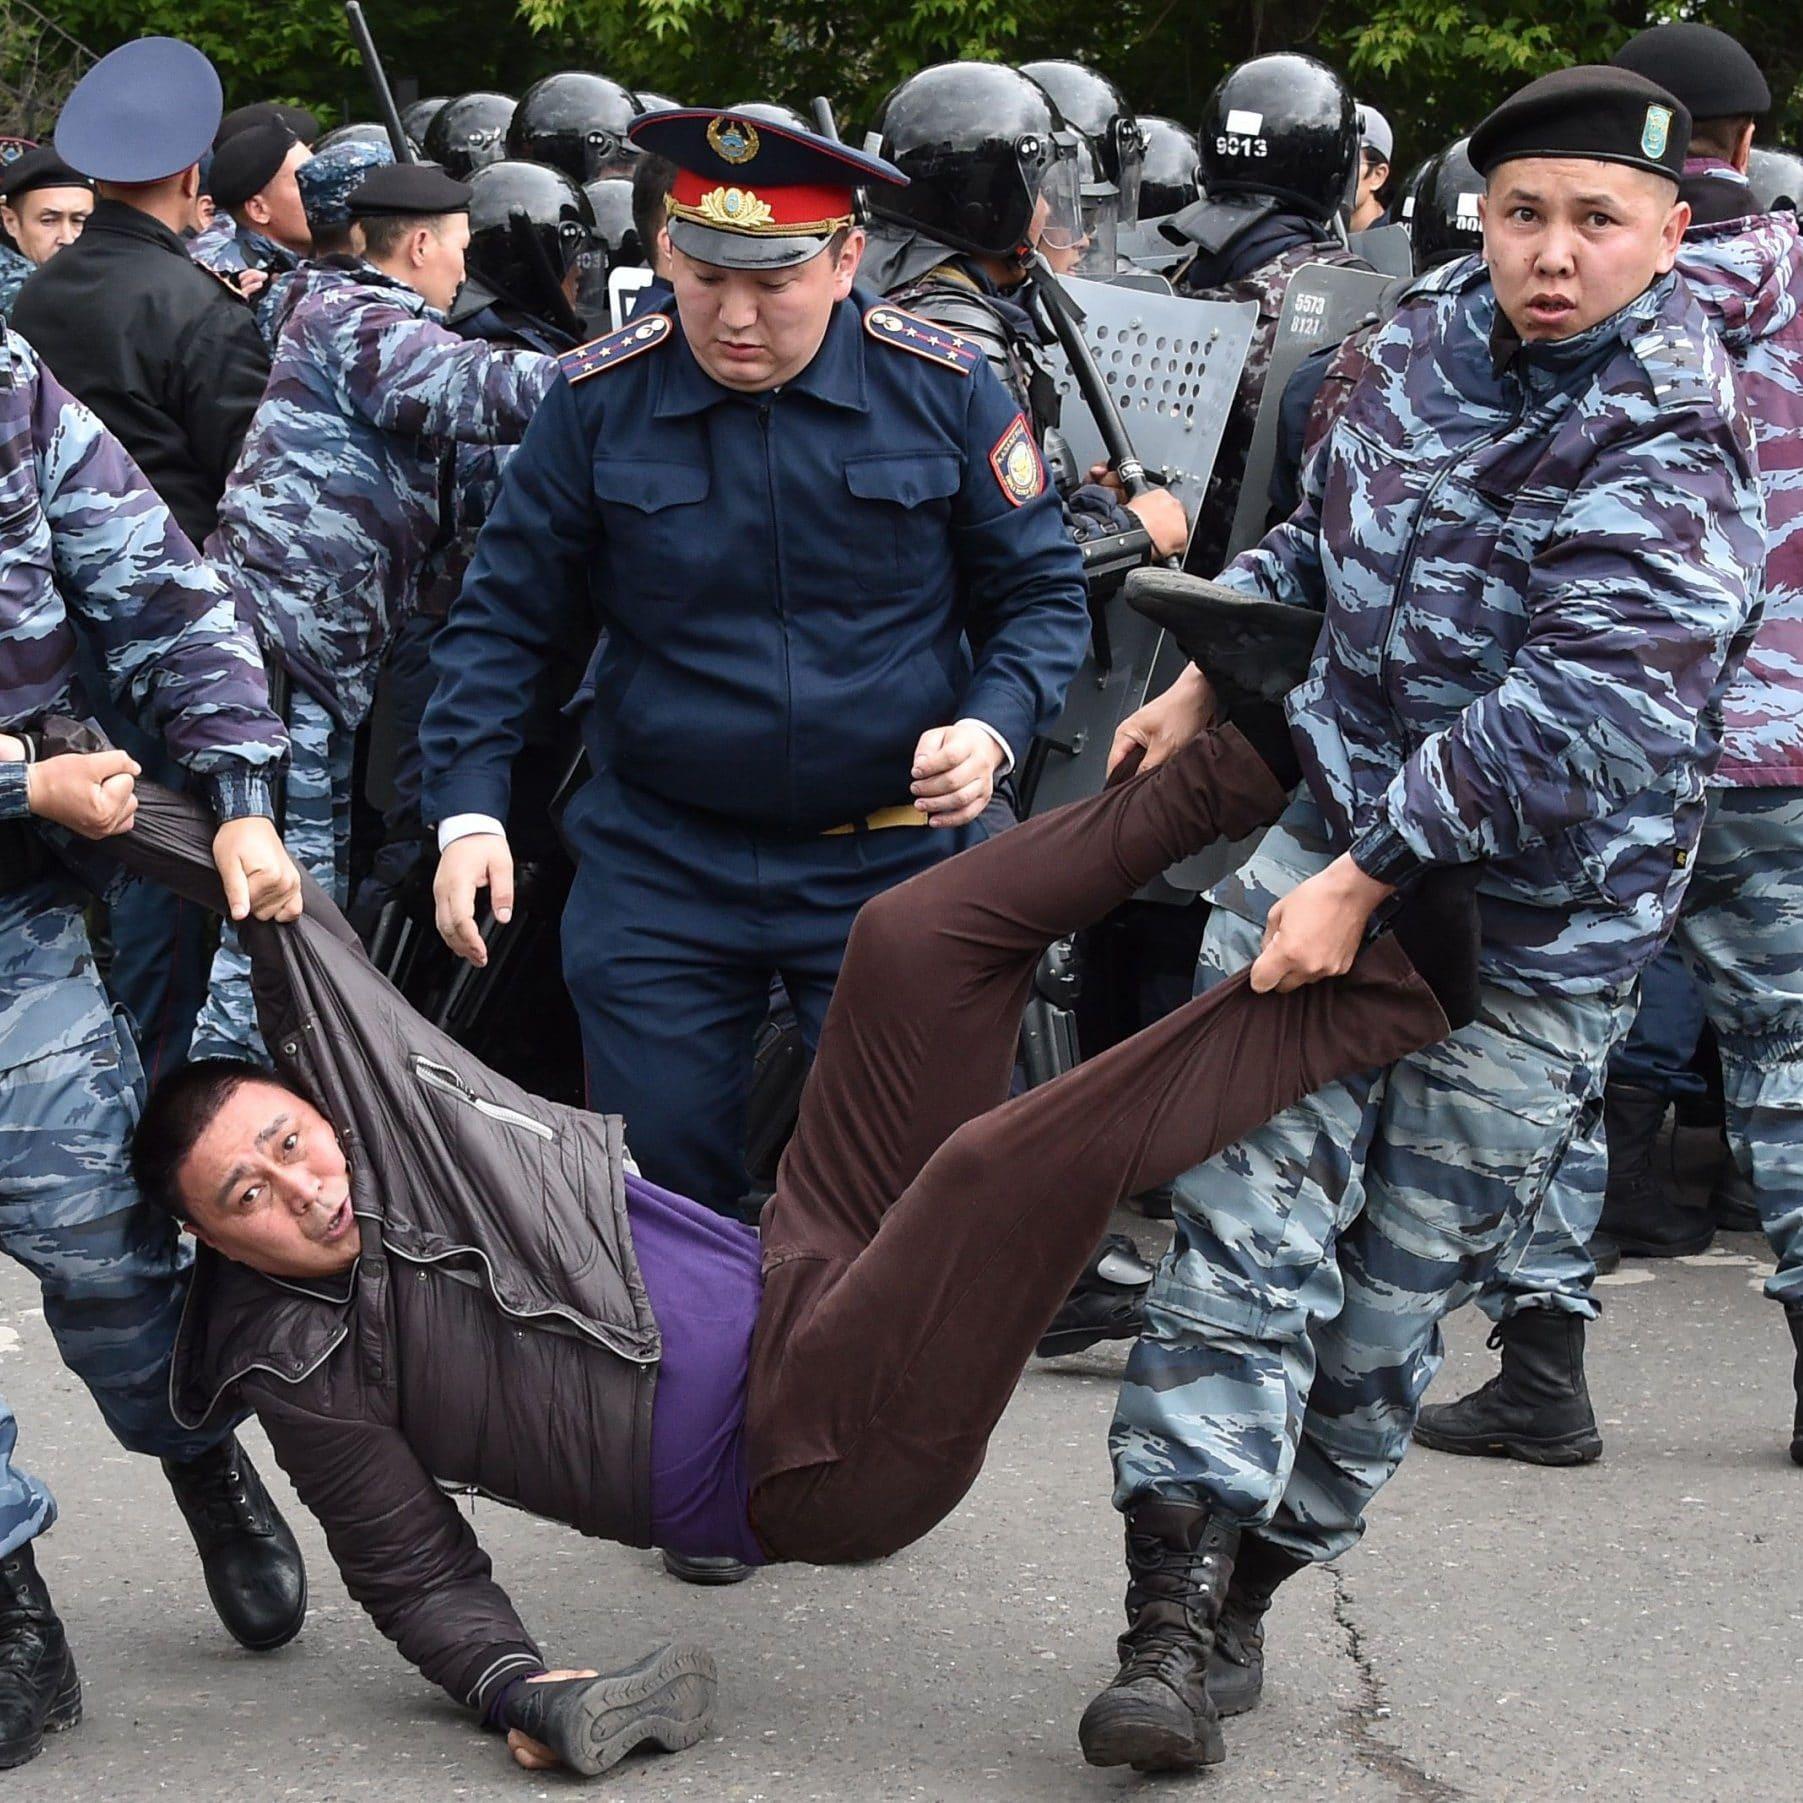 تصاویر روز: از طلوع وهم انگیز خورشید برفراز «استونهنج» تا تظاهرلت در چین و قزاقستان